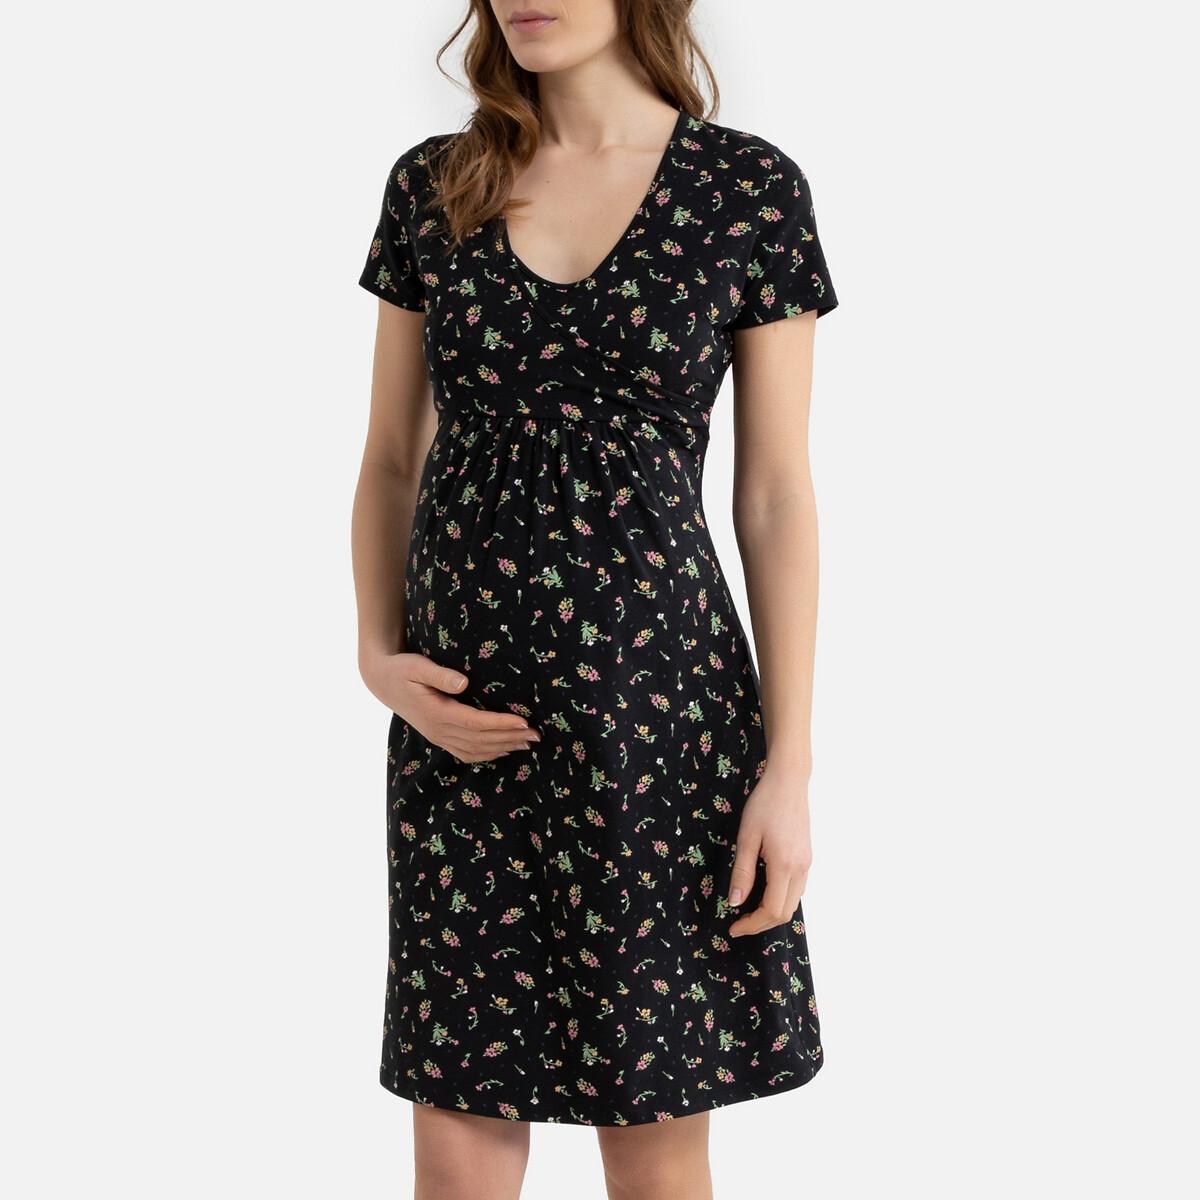 Рубашка LaRedoute Ночная для периода беременности с принтом из биохлопка 34/36 (FR) - 40/42 (RUS) разноцветный брюки laredoute для периода беременности из велюра velvet 42 fr 48 rus бежевый